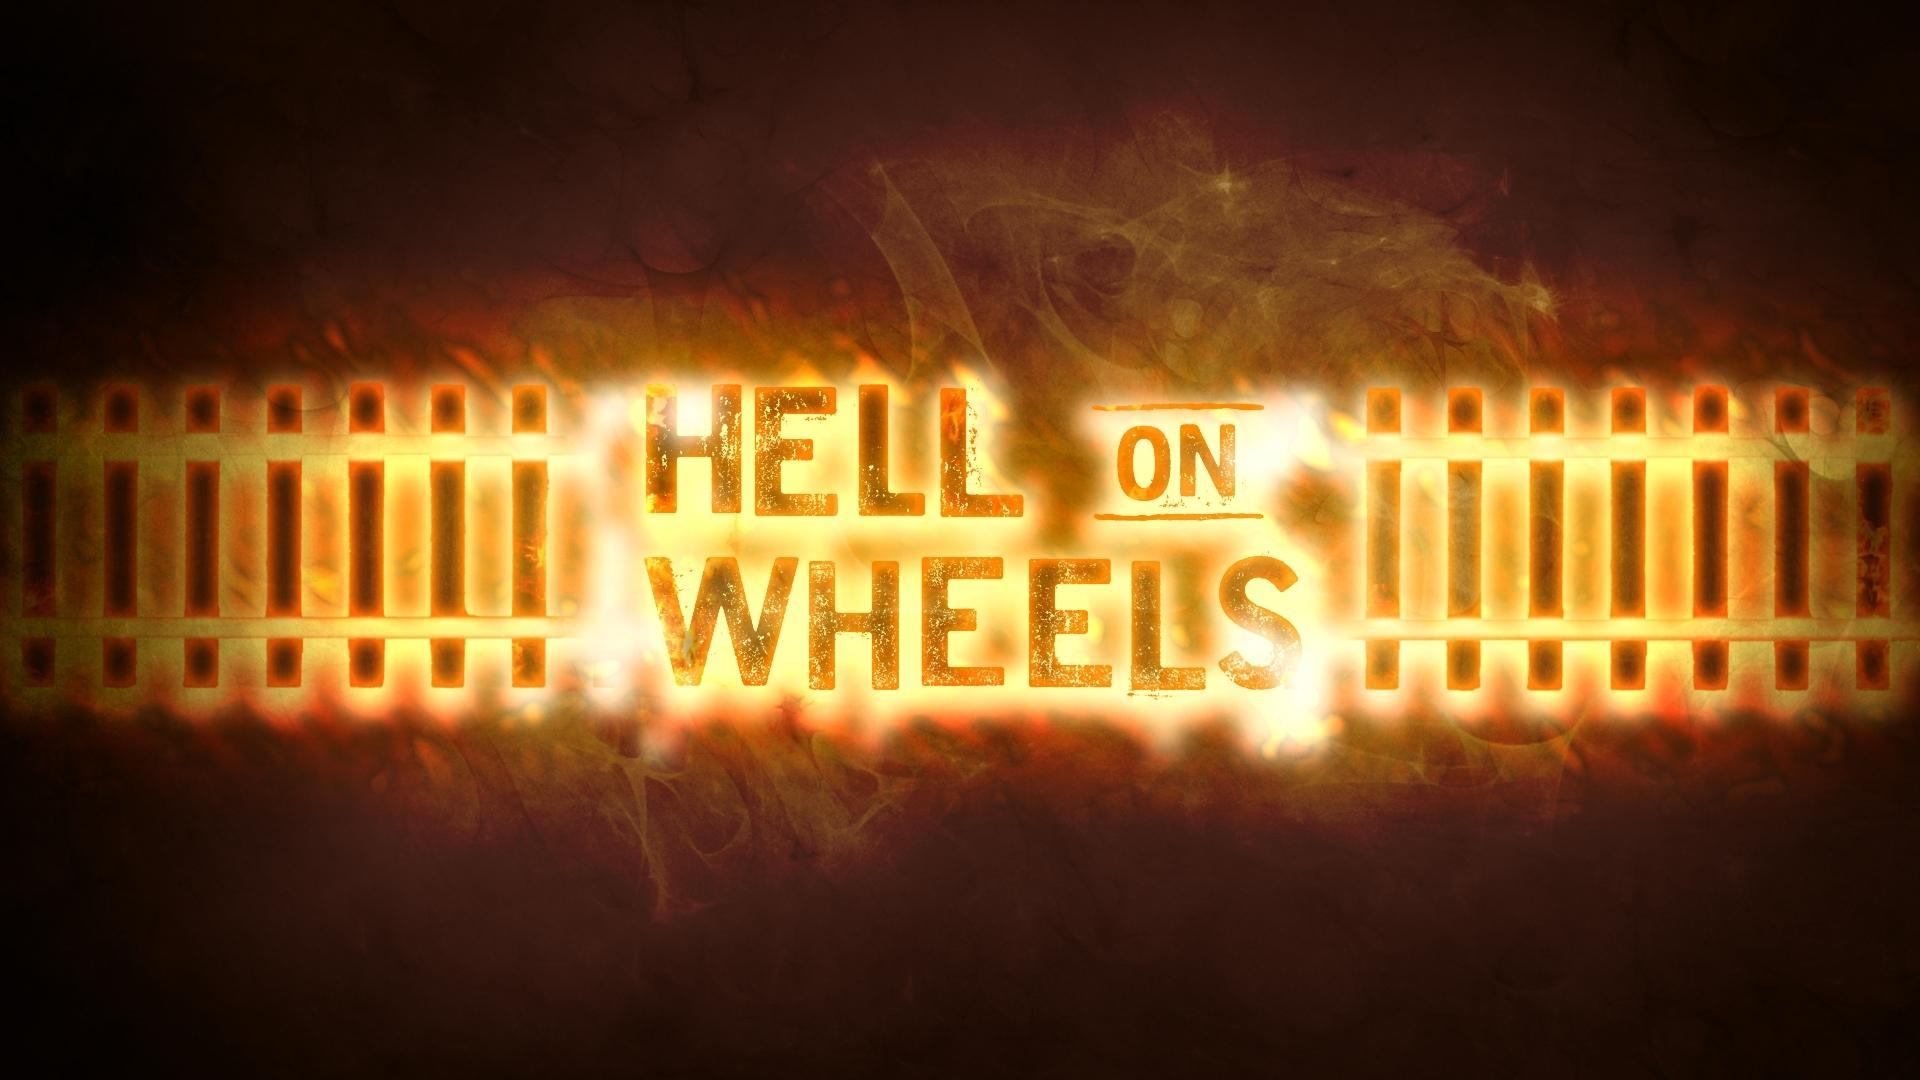 Baby Girl Background Wallpaper Fire Logo Of Hell On Wheels Hd Desktop Wallpaper